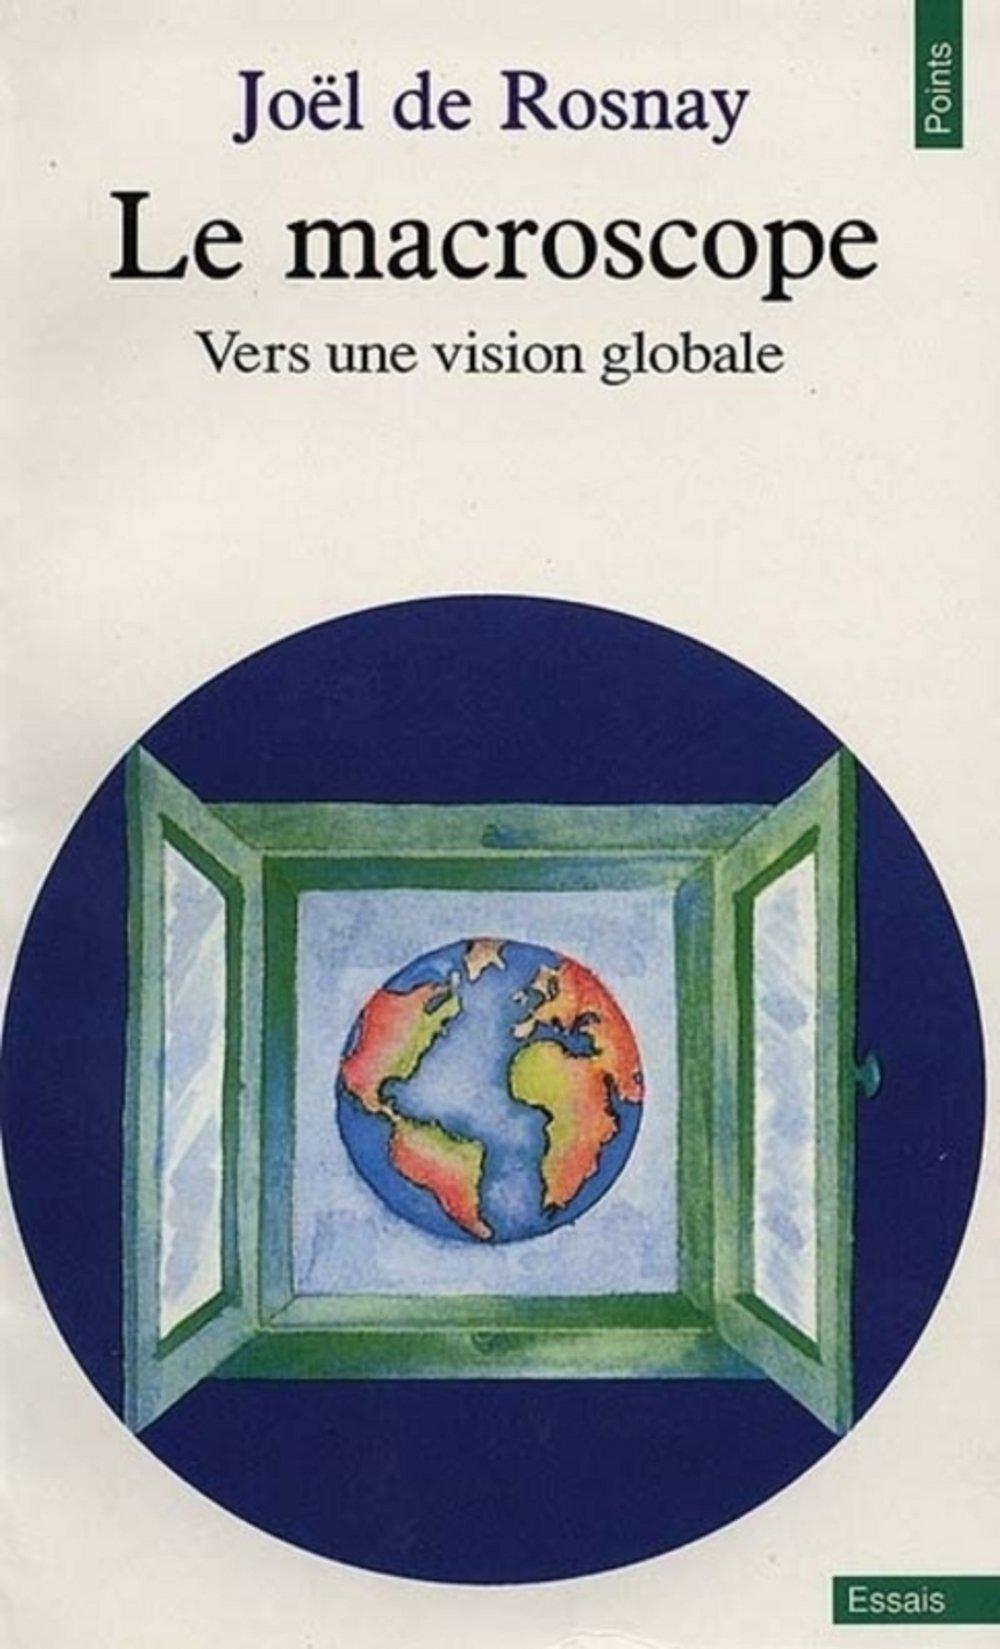 LE MACROSCOPE JOEL DE ROSNAY PDF